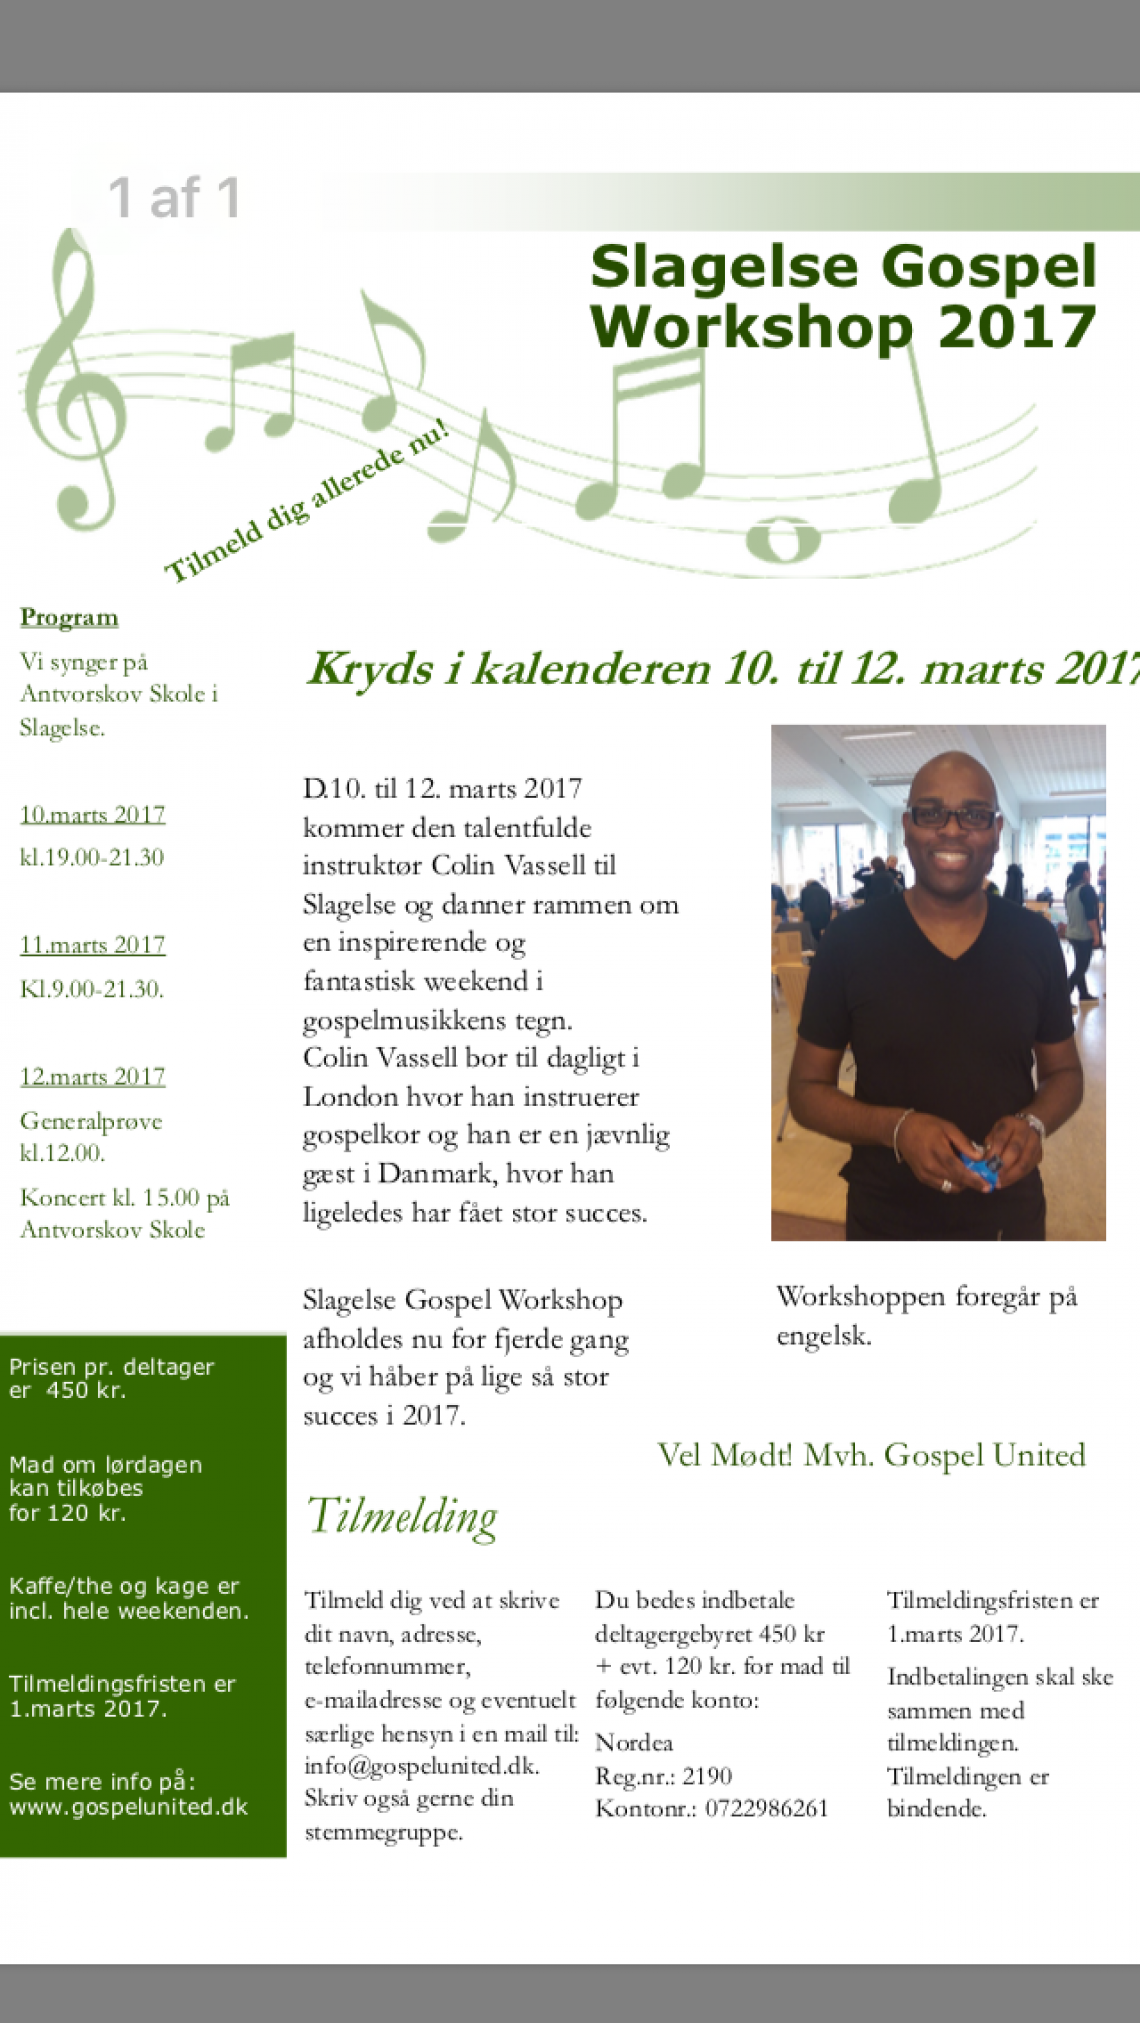 Slagelse Gospel Workshop 2017